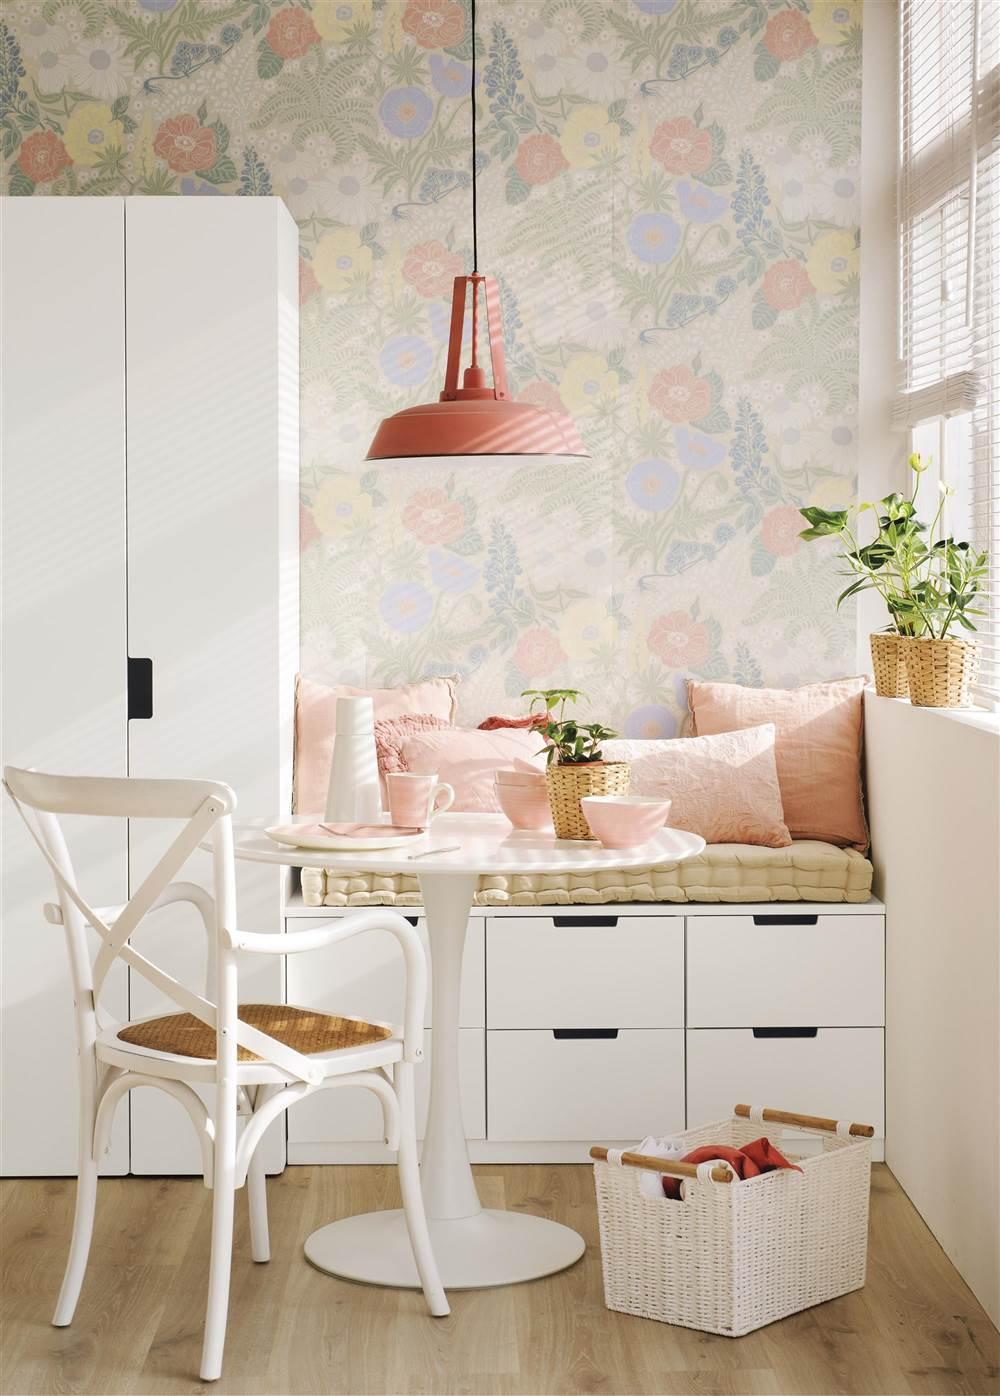 El mismo mueble tres usos distintos - Papel pintado en muebles ...